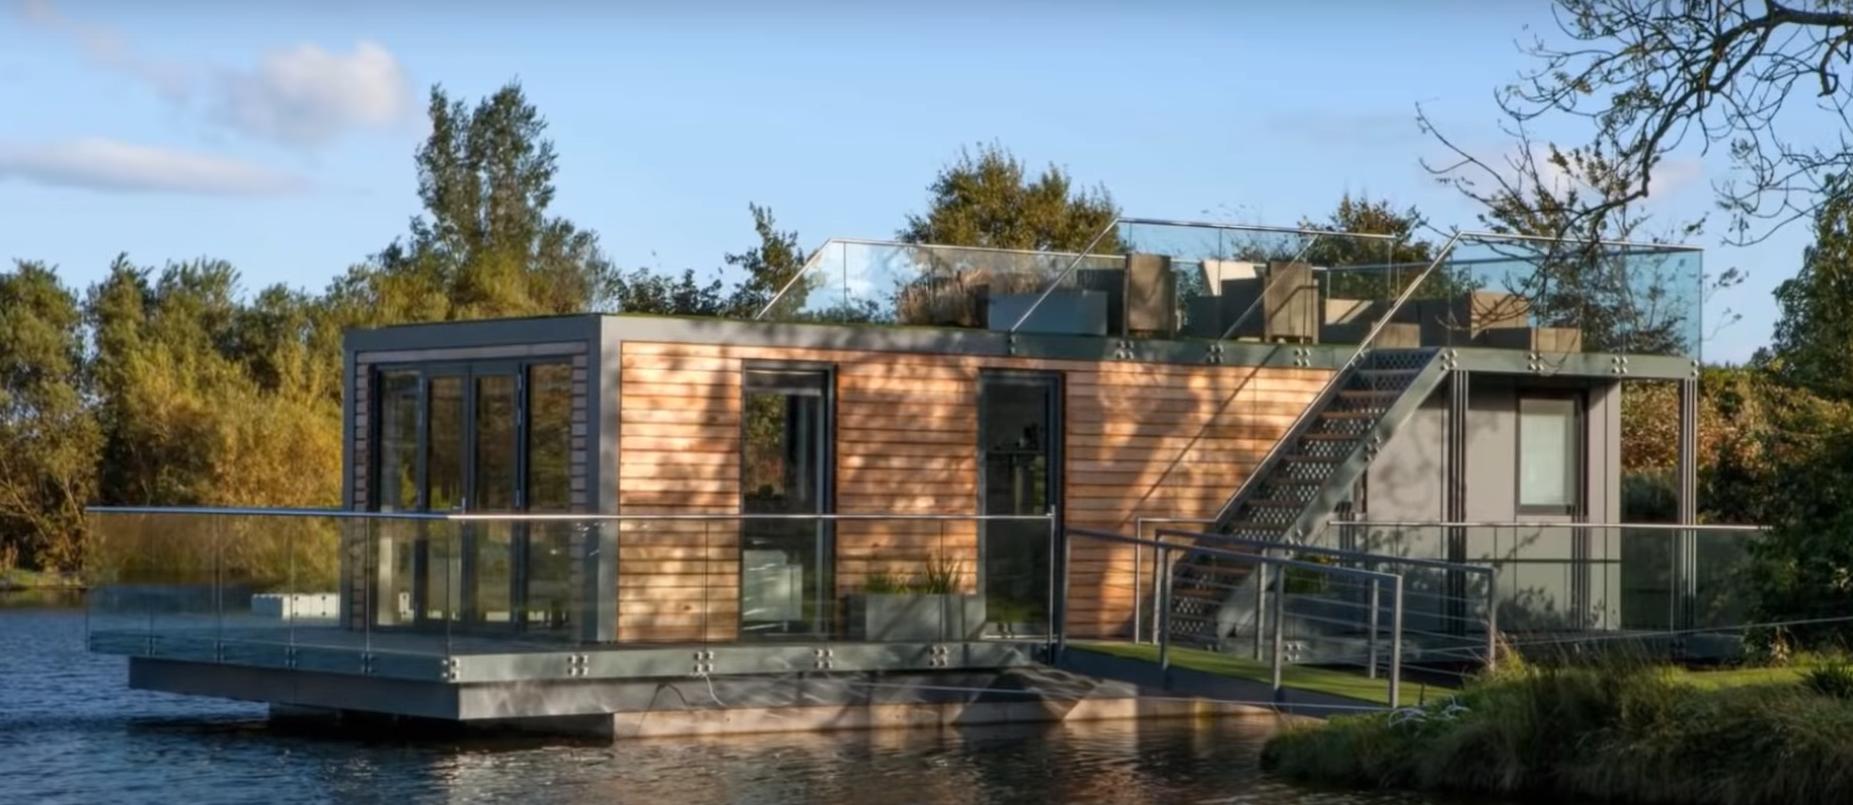 ¿Podremos vivir en una casa flotante enun futuro cercano? 4